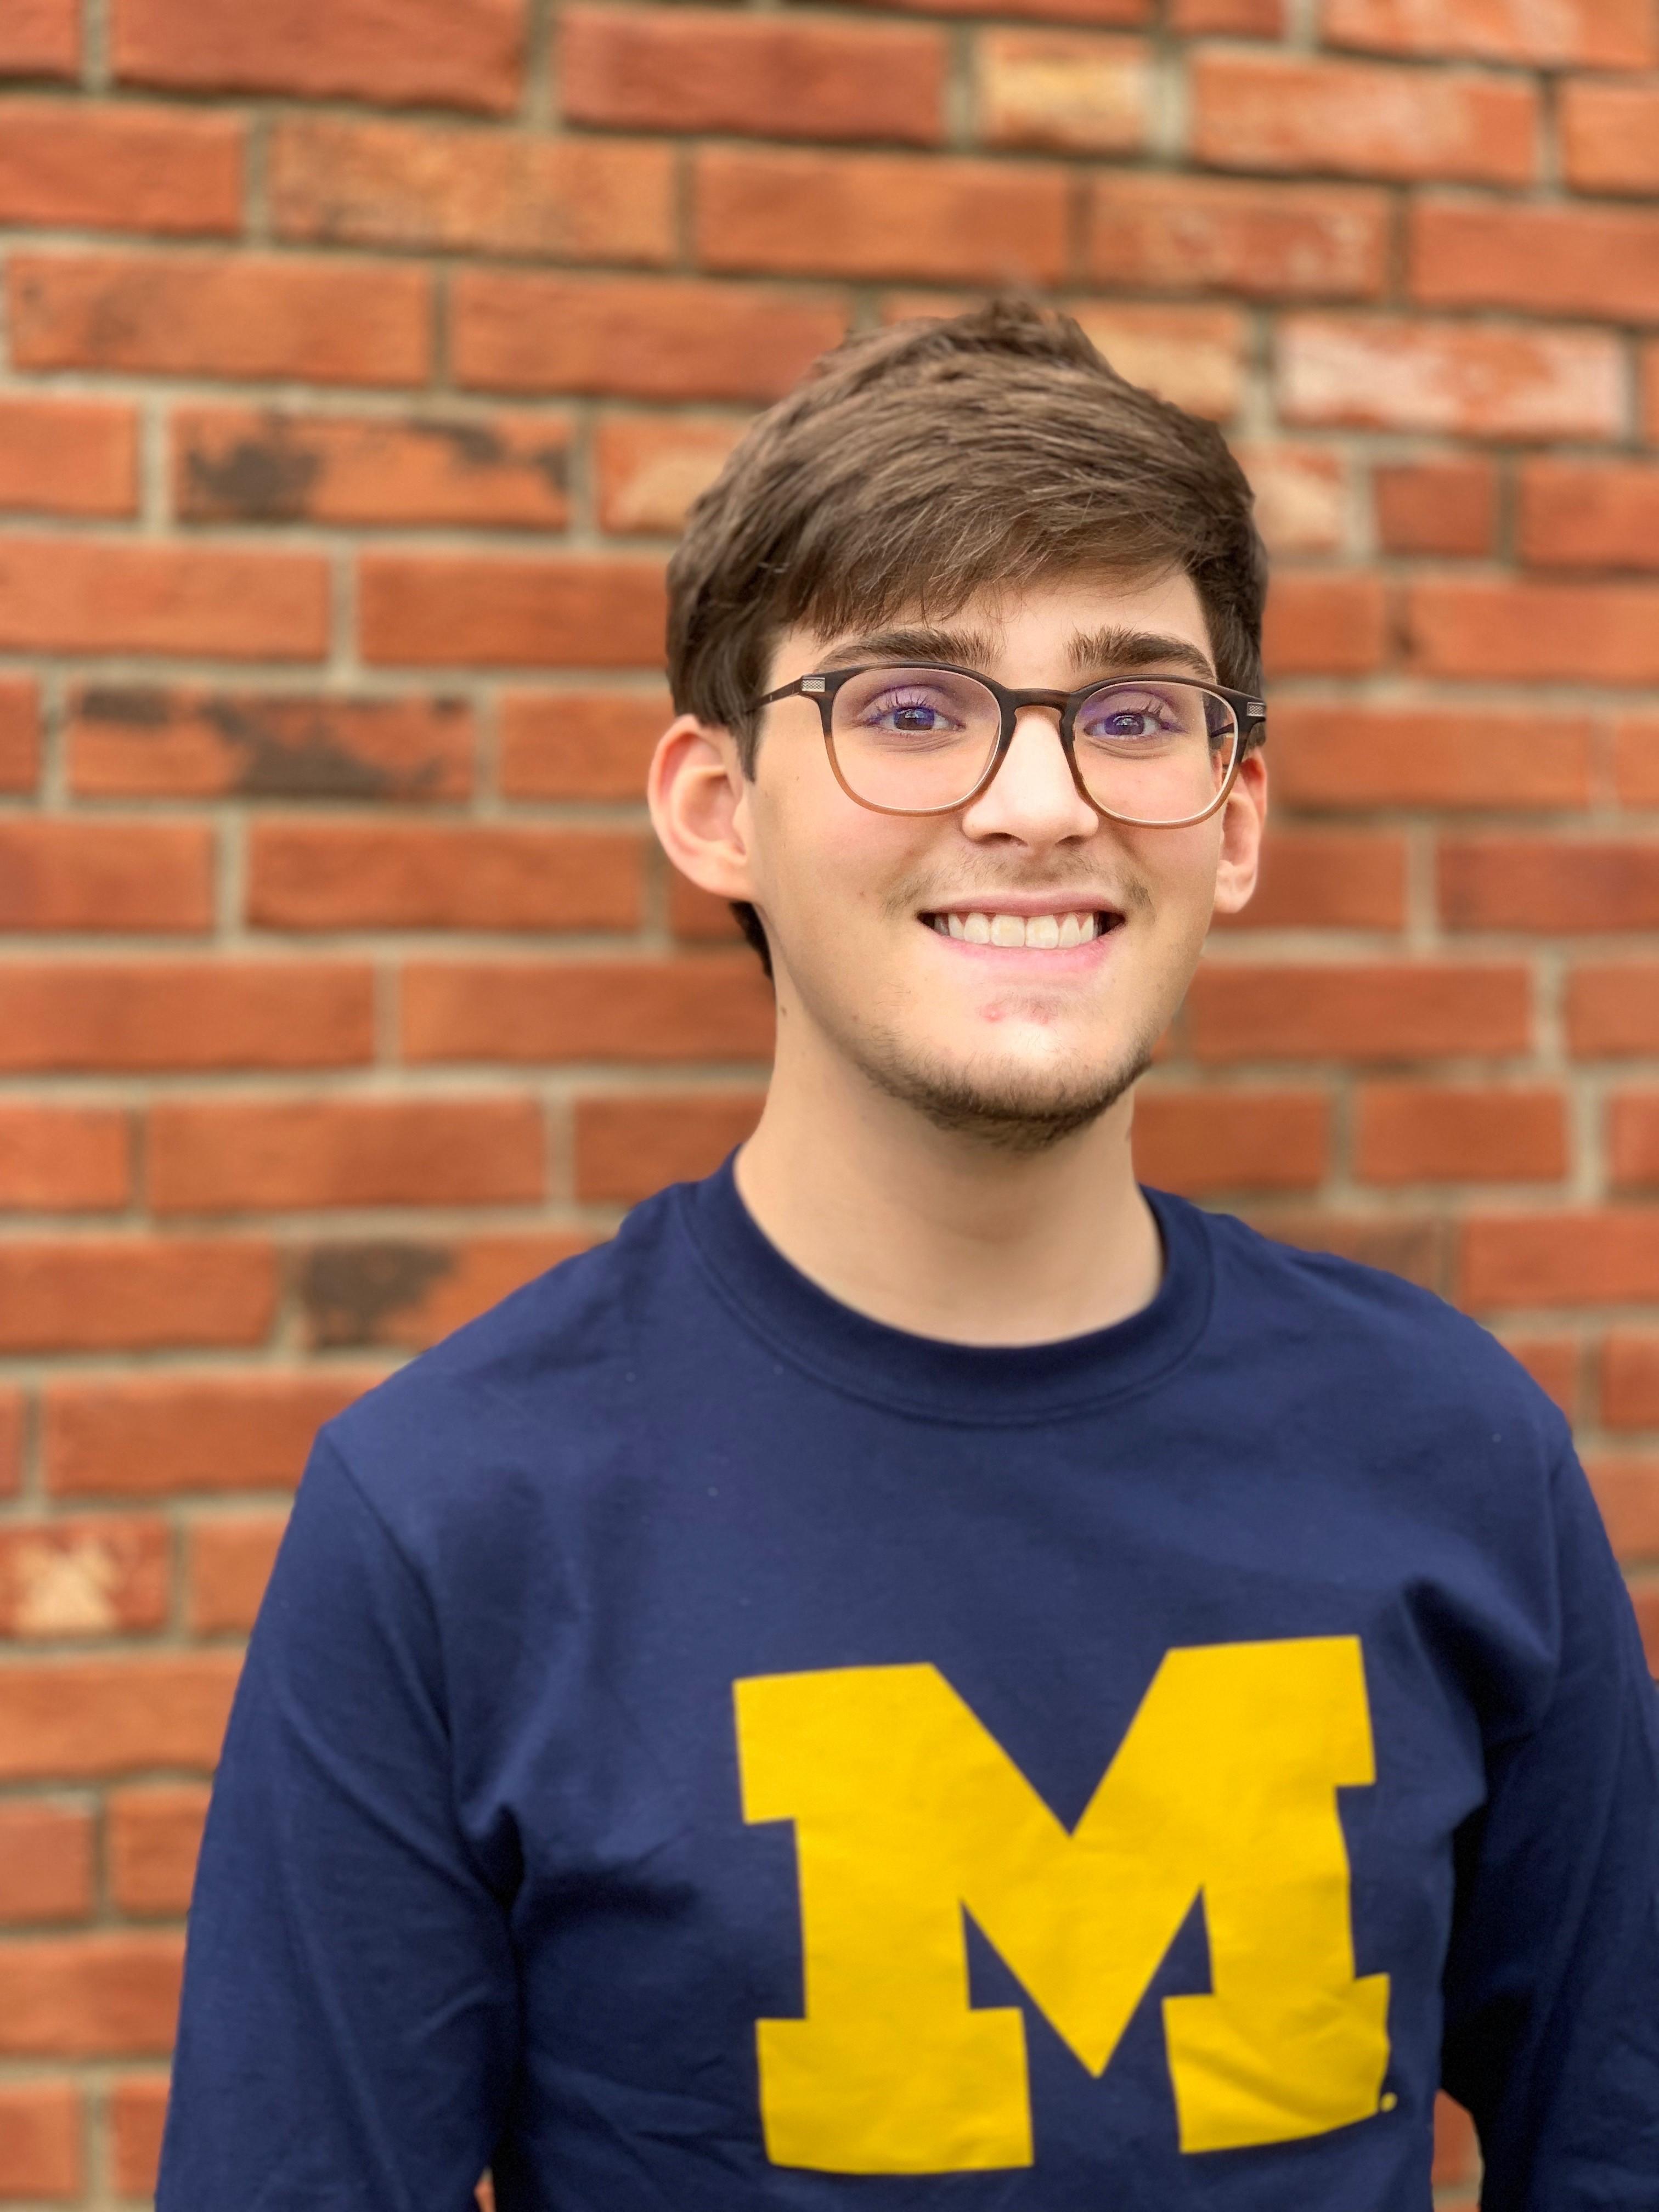 2018 Cottage Inn Scholarship Winner, Alexander Koons